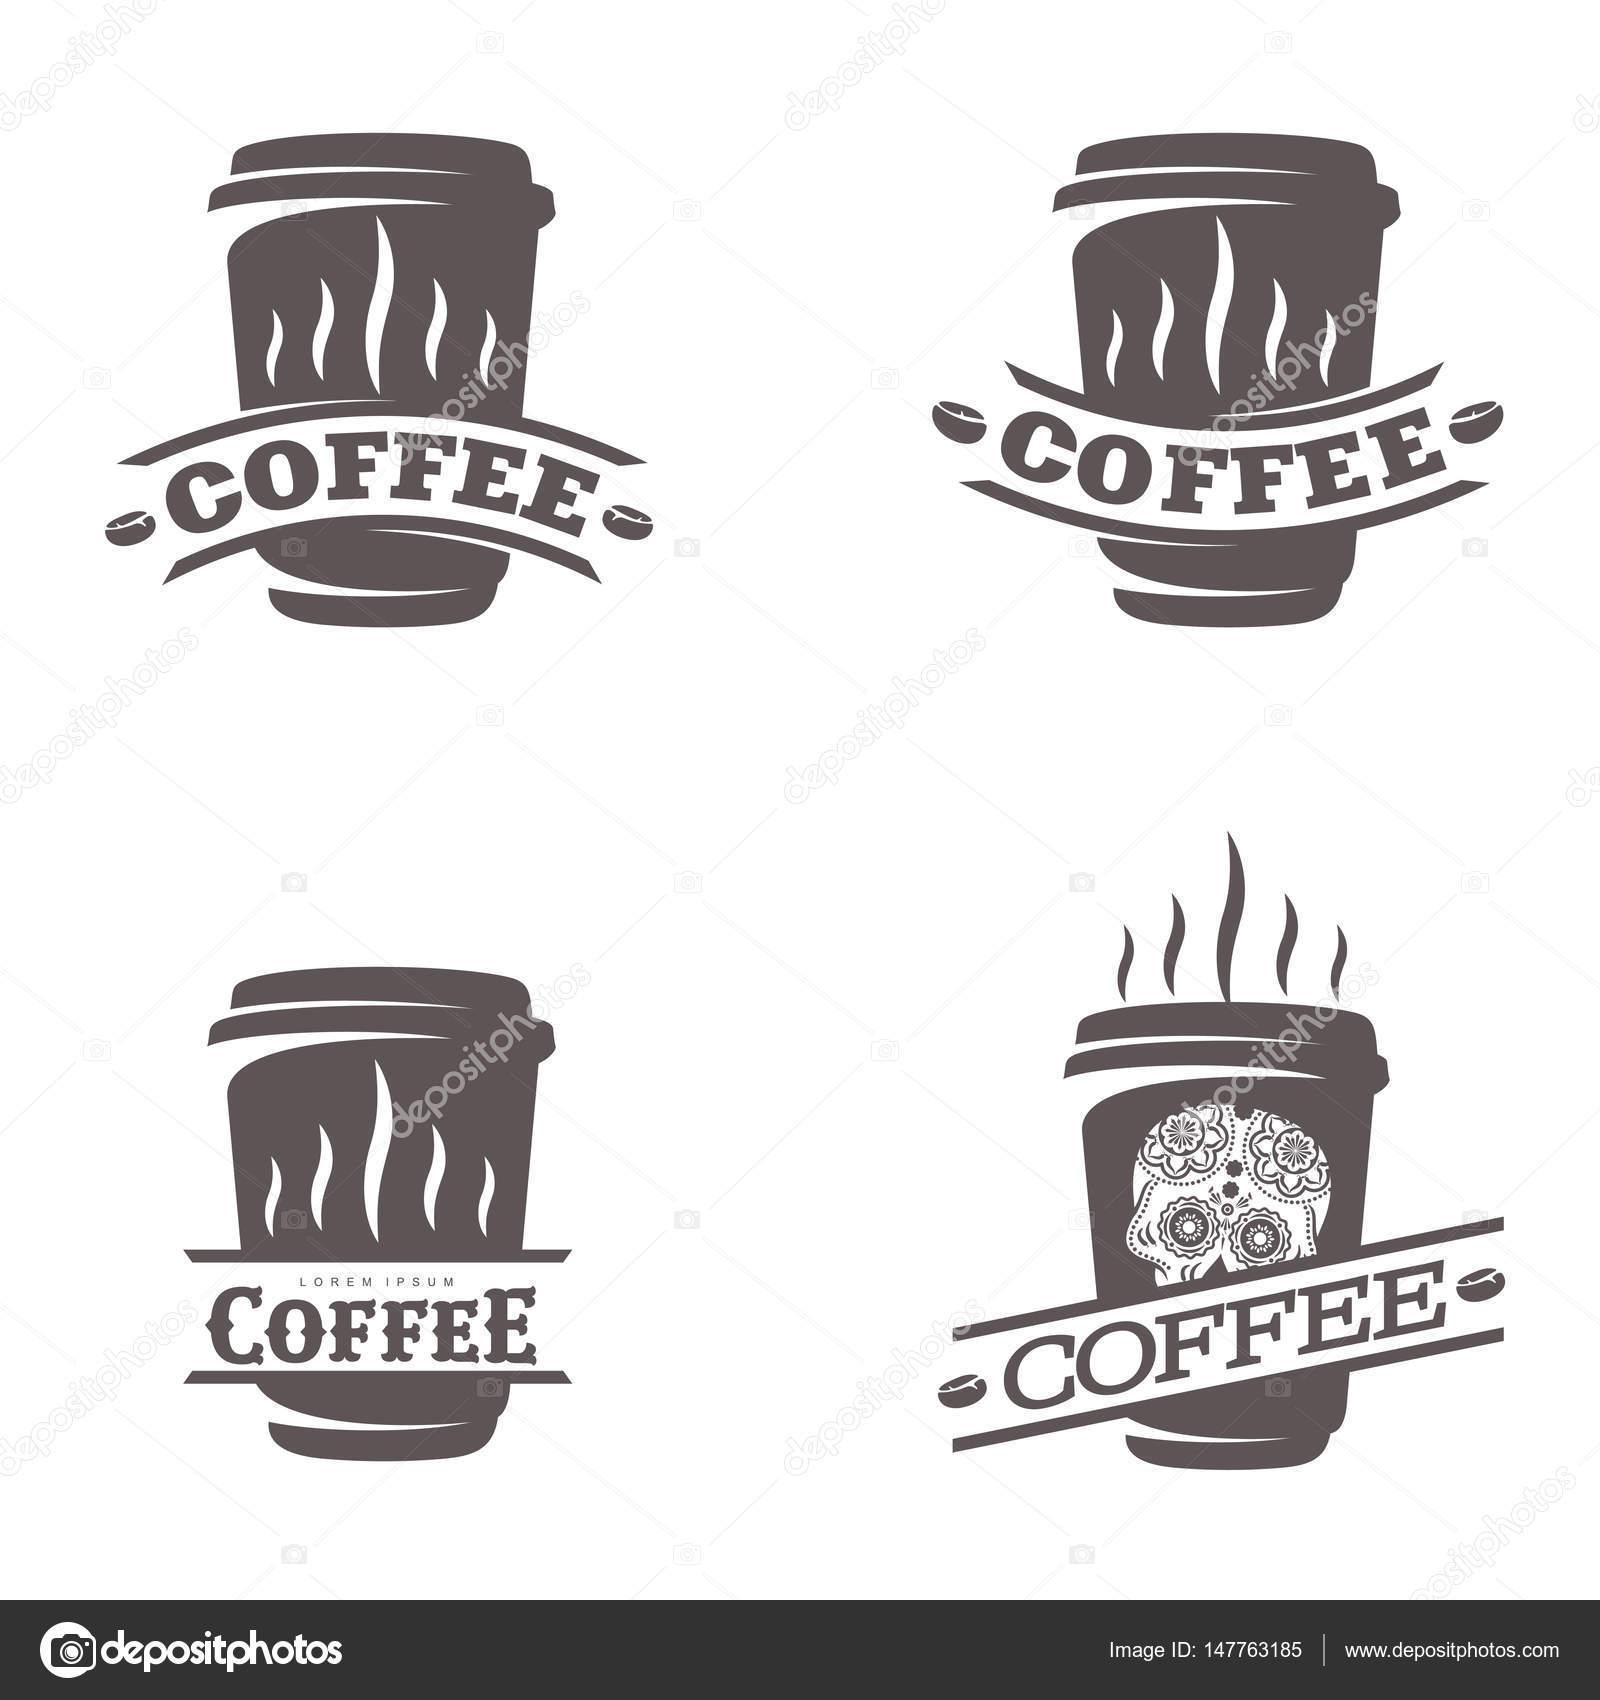 Kaffee-Logo-Vorlagen — Stockvektor © samorodinov #147763185